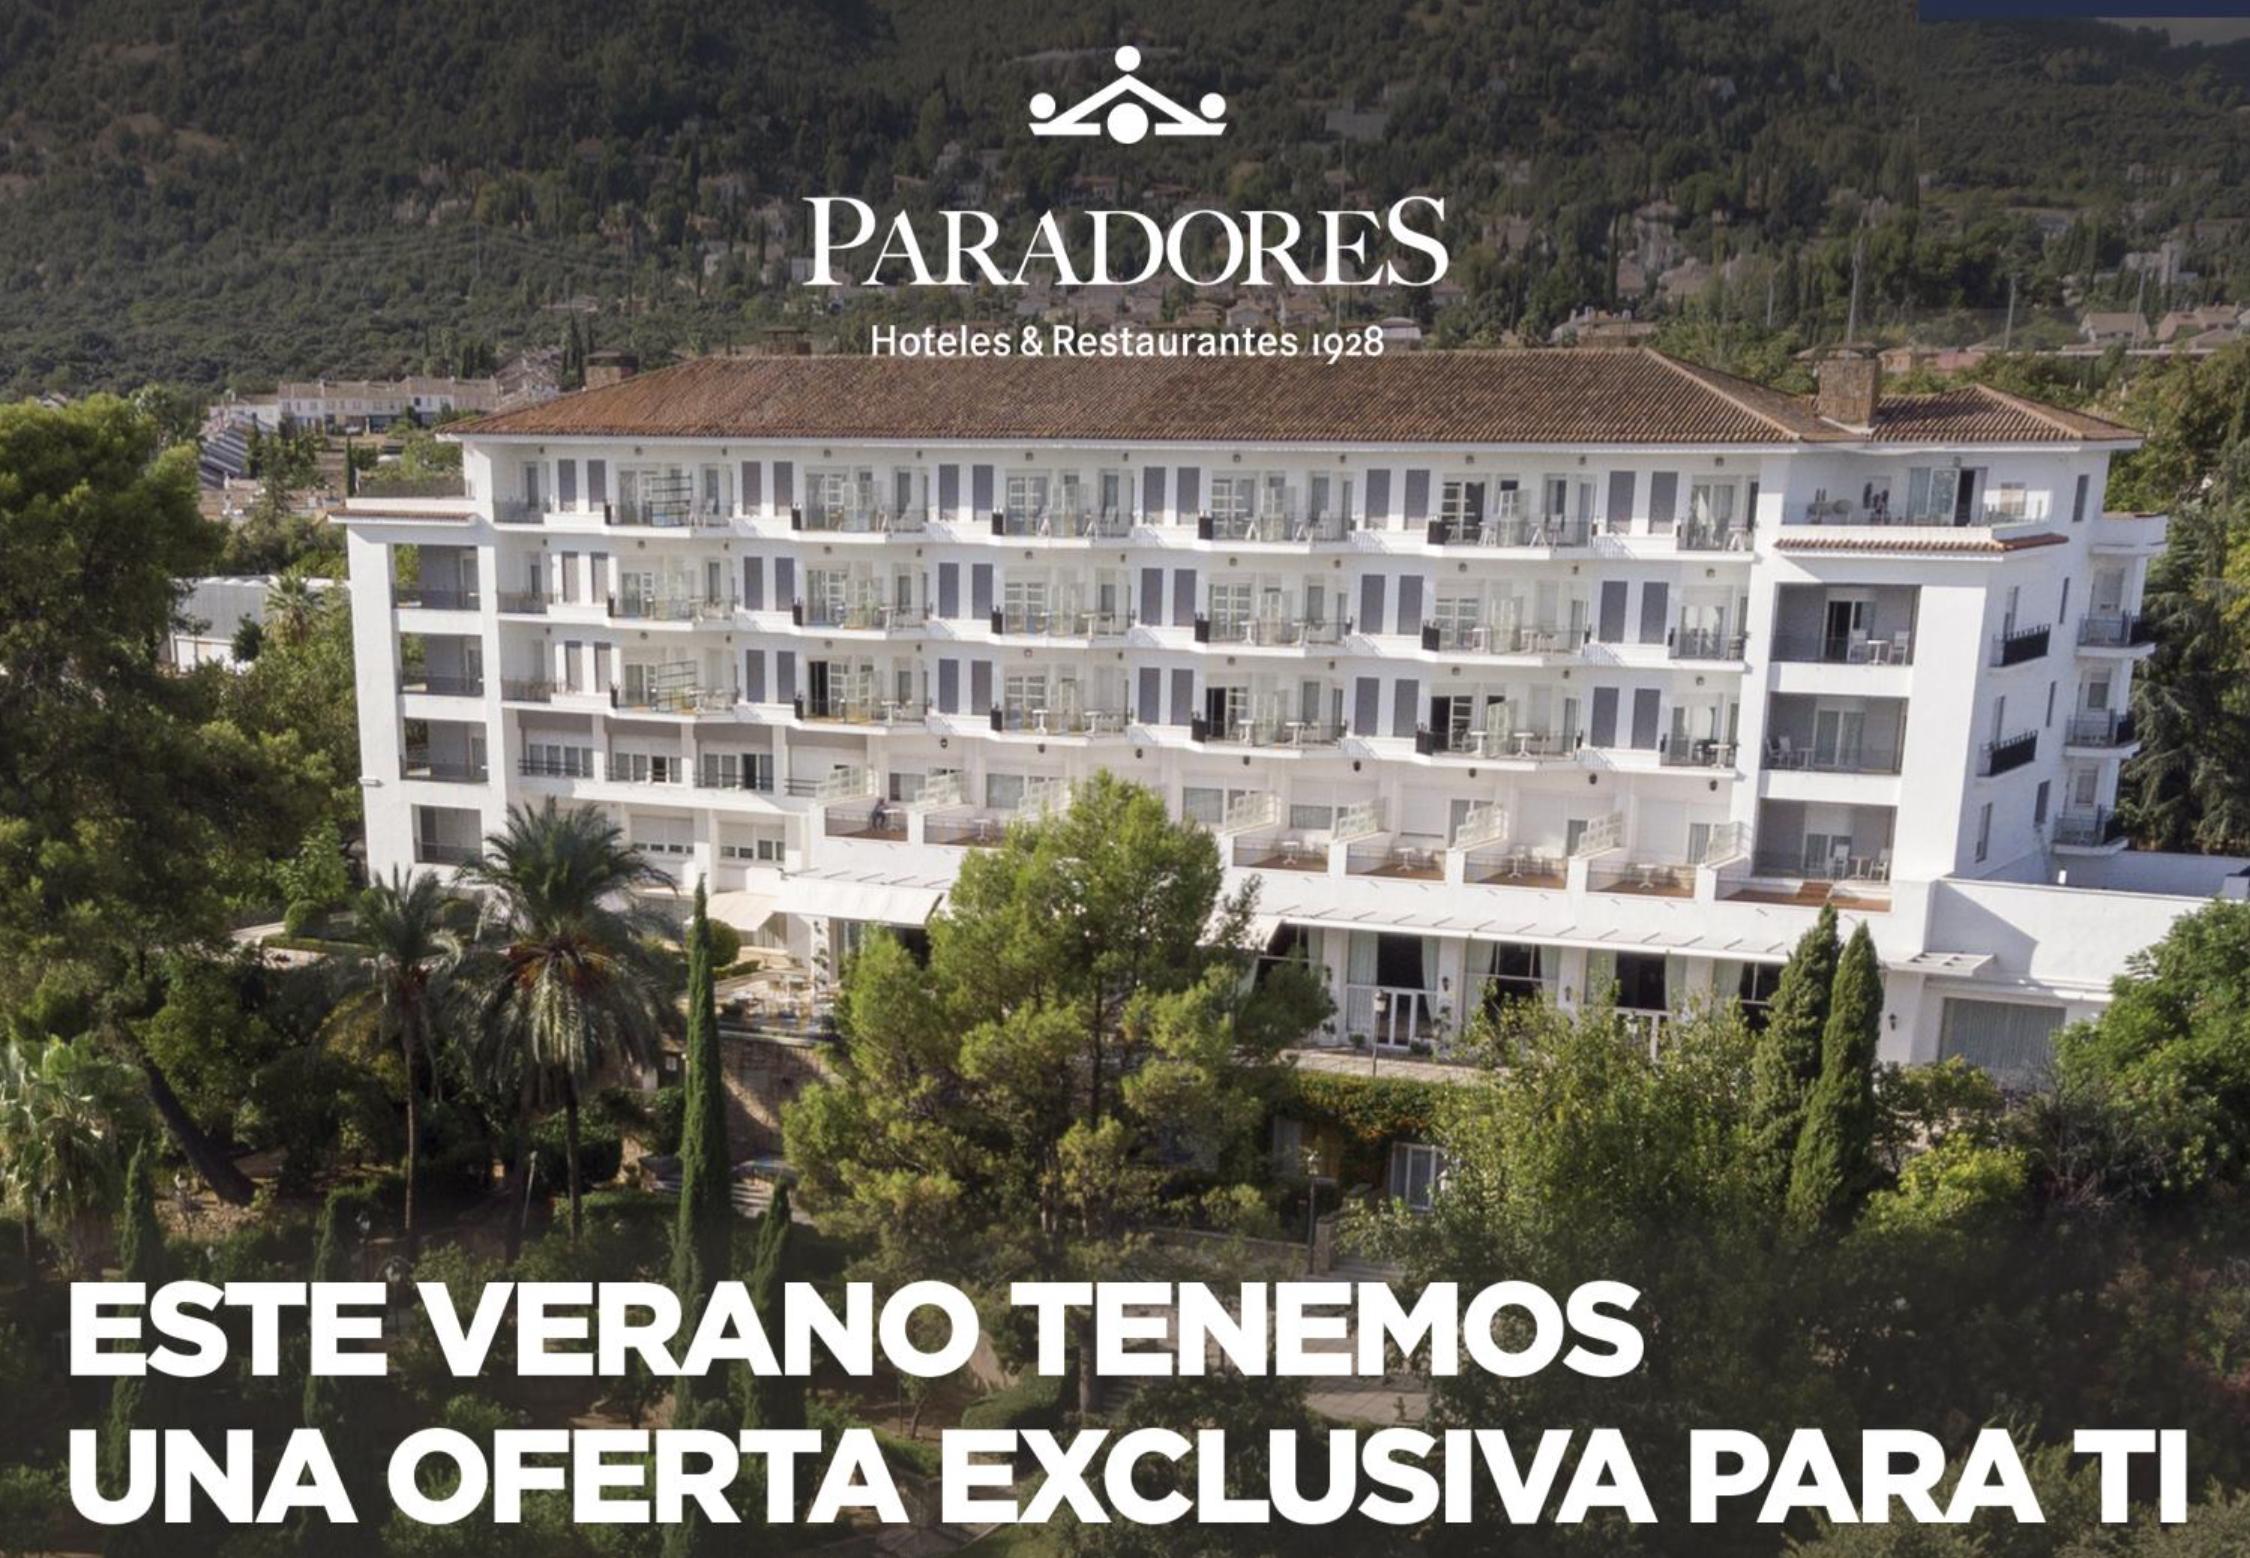 PARADORES - Promoción Especial FINE Verano 2019